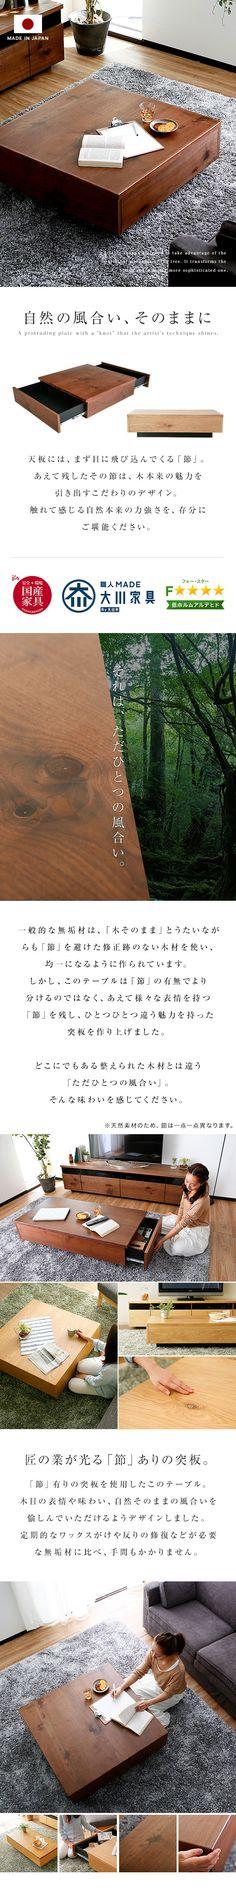 センターテーブル 完成品 国産 日本製 突板 長方形 正方形。センターテーブル 日本製 長方形 正方形 ローテーブル センター テーブル 突板 国産 完成品 リビング リビングテーブル 木目調 収納 引き出し 【送料無料】 送料込 ウォールナット 新生活